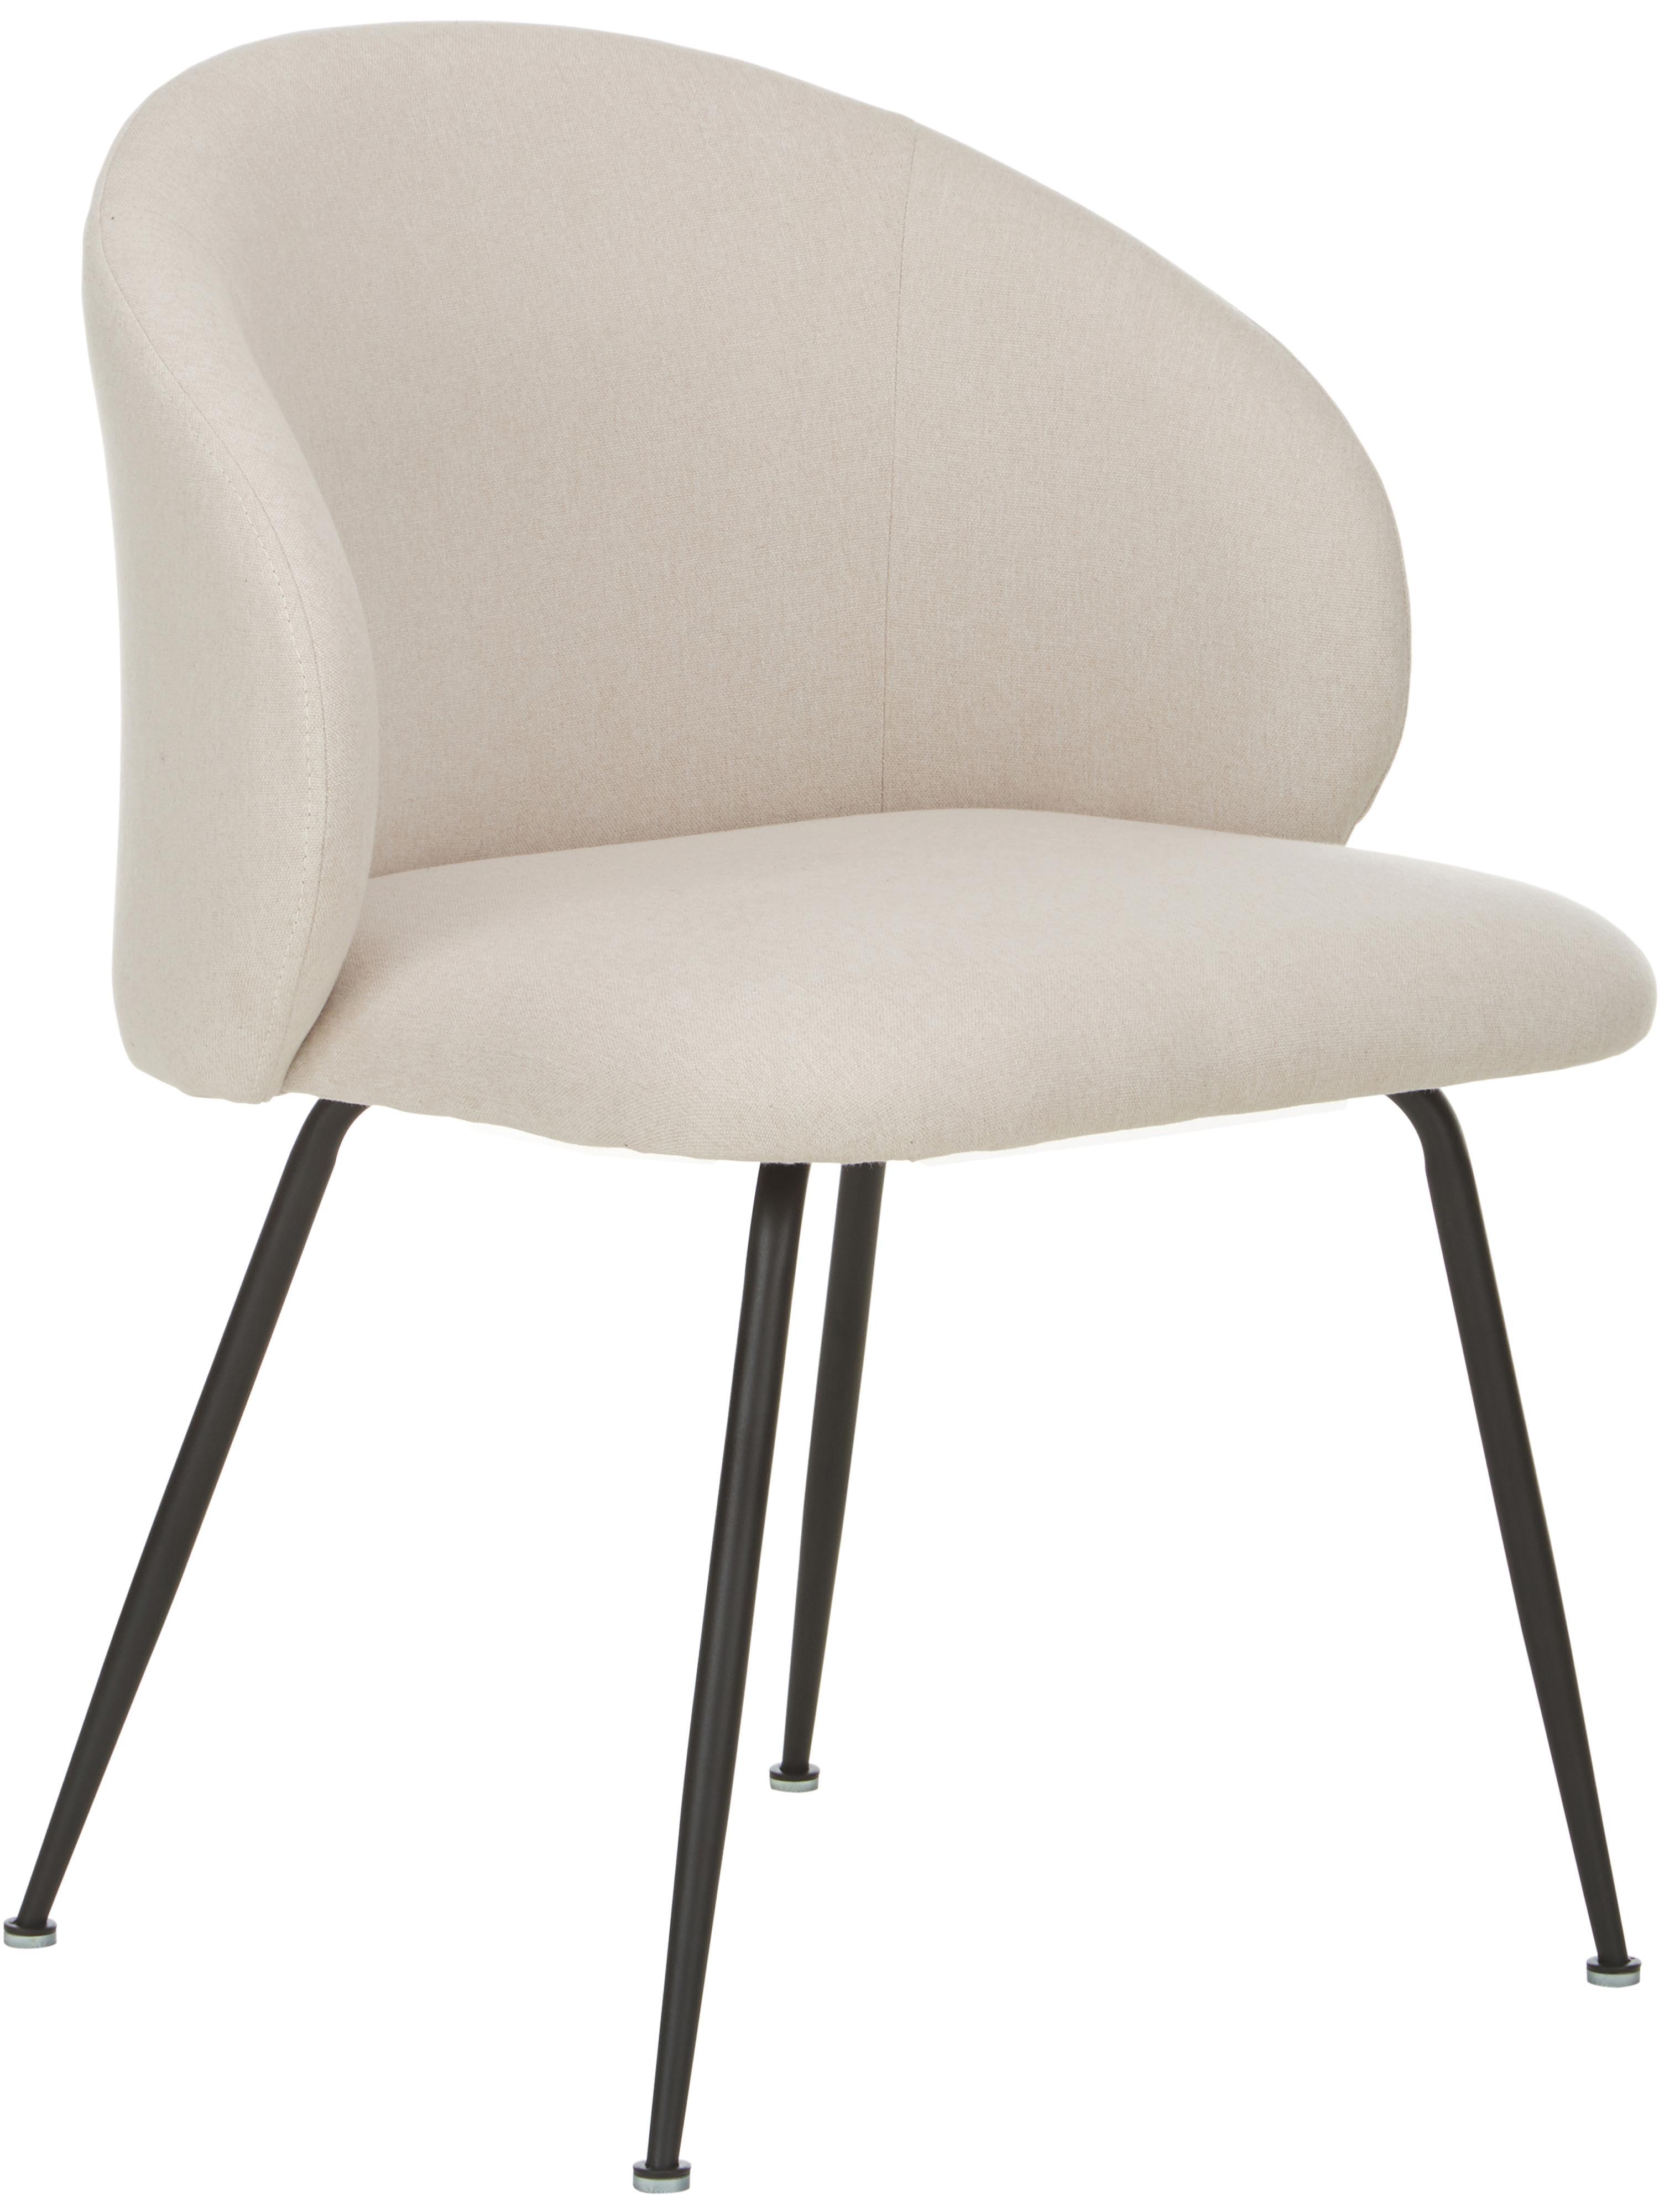 Krzesło tapicerowane Luisa, 2 szt., Nogi: metal malowany proszkowo, Beżowy, czarny, S 61 x G 58 cm